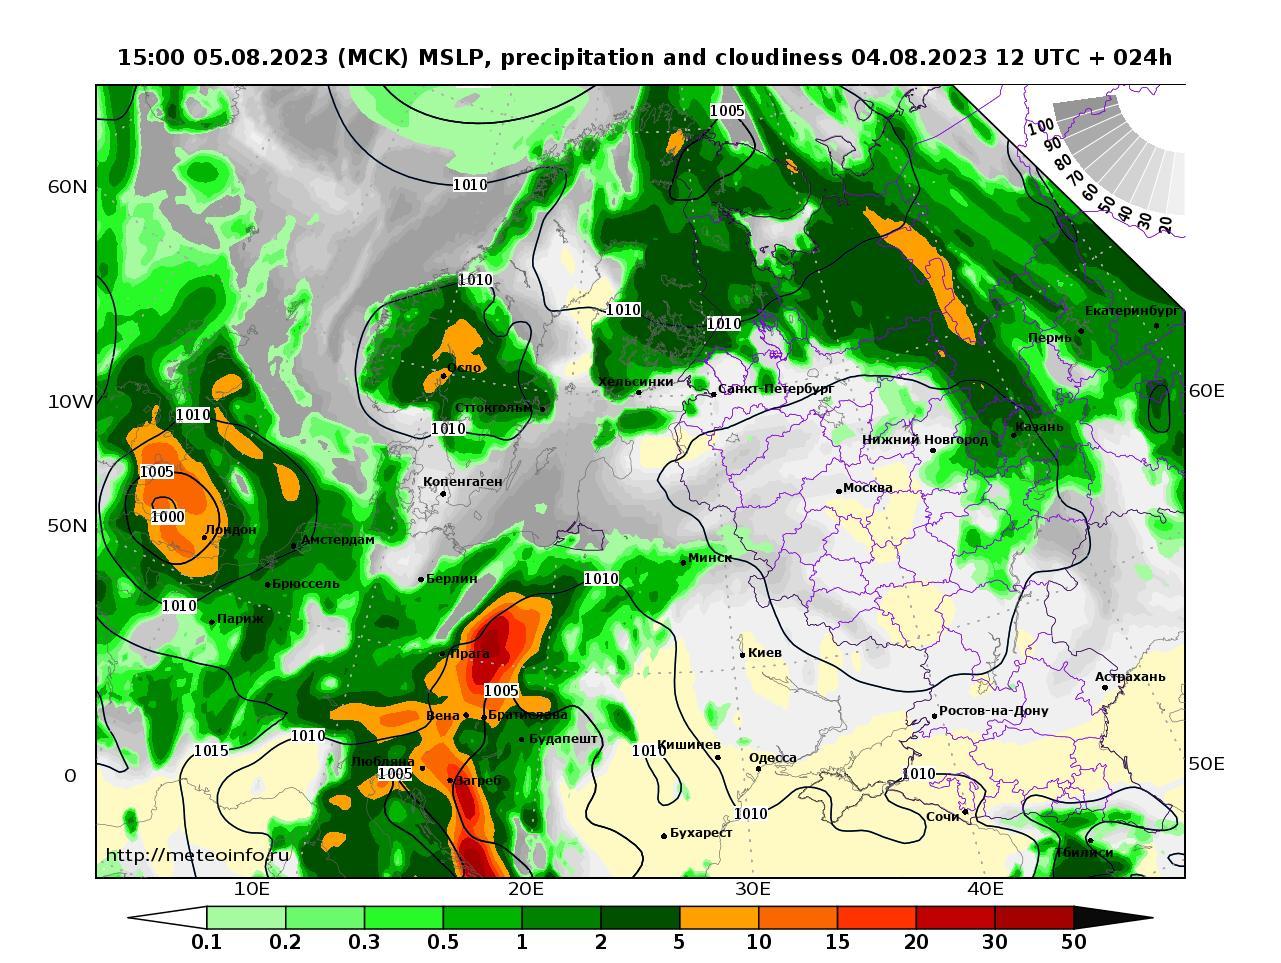 Европейская территория России, прогностическая карта осадки и давление, заблаговременность прогноза 24 часа